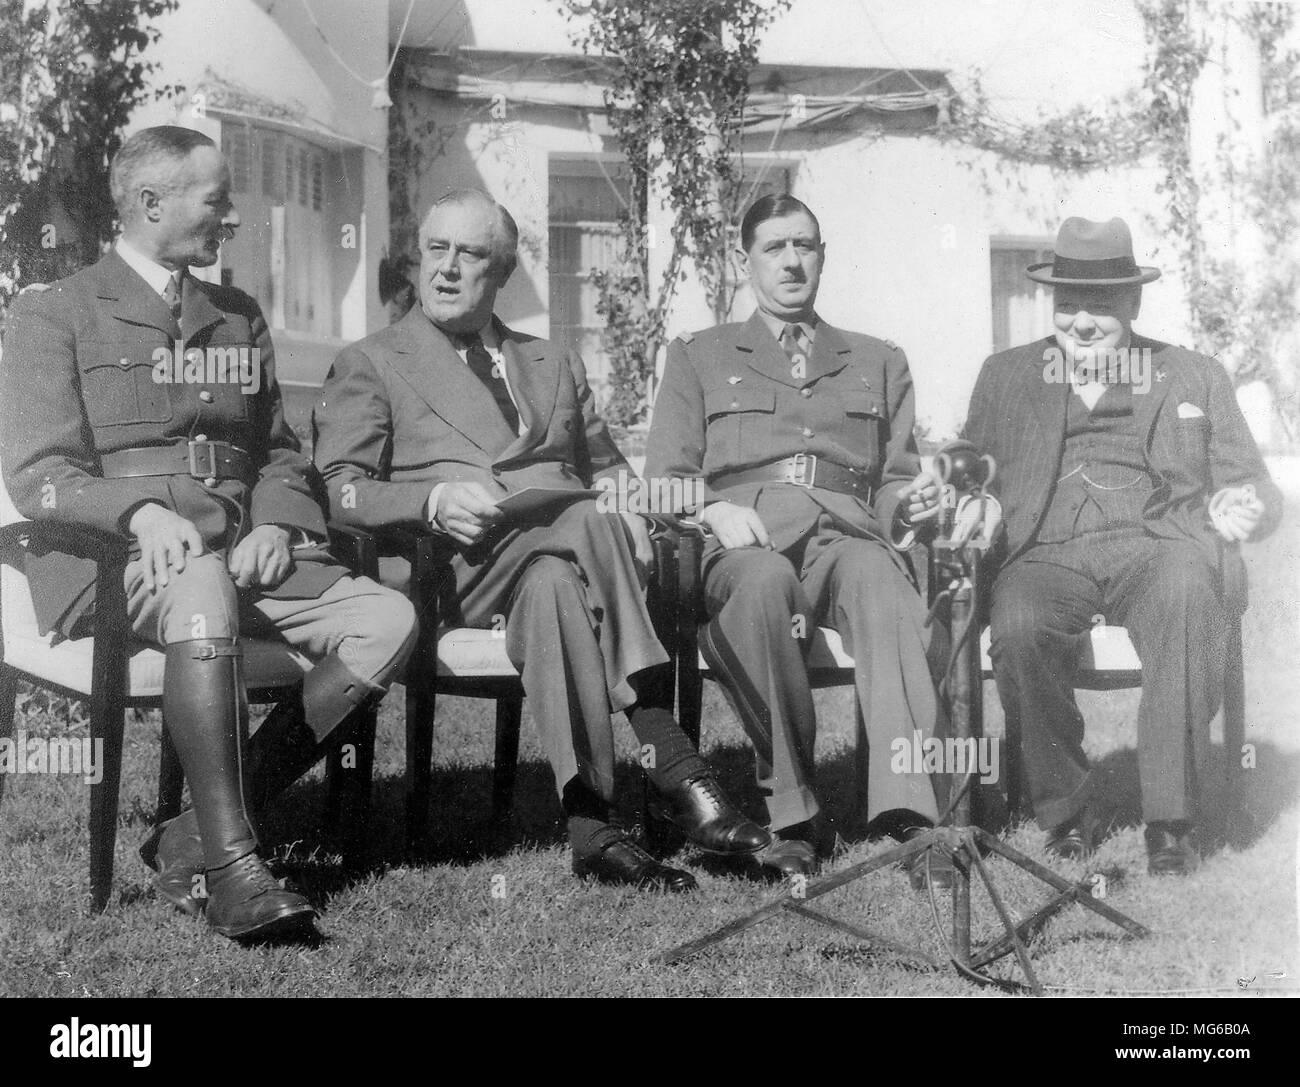 Los líderes franceses Henri Giraud (izquierda) y Charles de Gaulle sentarse después de un apretón de manos en presencia de Franklin D. Roosevelt y Winston Churchill (Conferencia de Casablanca, el 14 de enero de 1943) Imagen De Stock